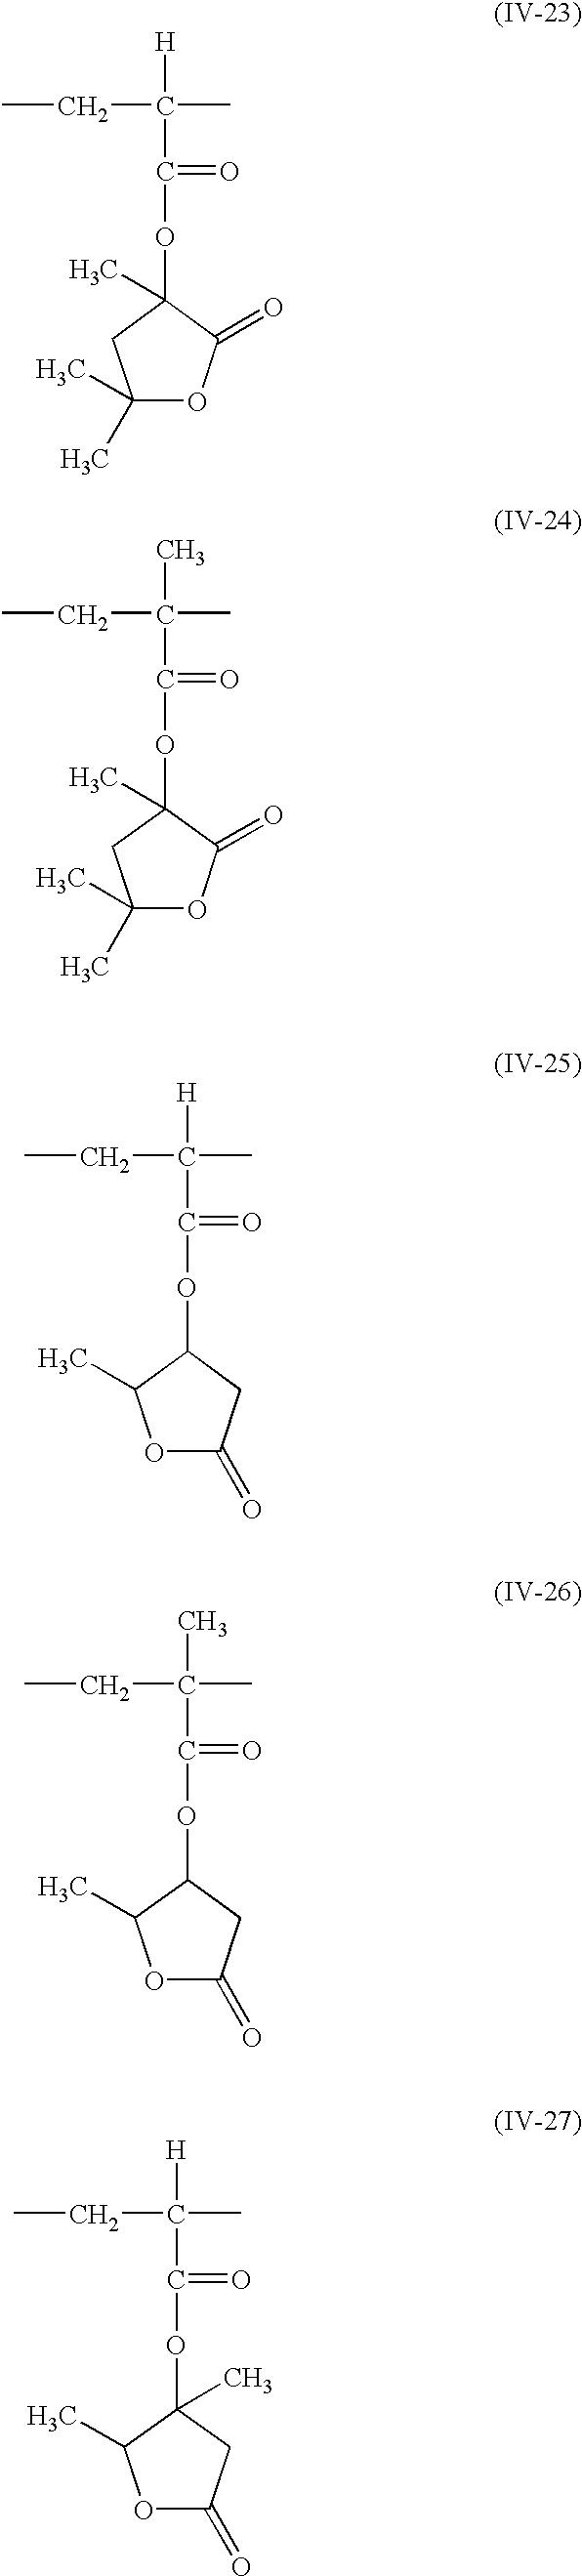 Figure US20030186161A1-20031002-C00094